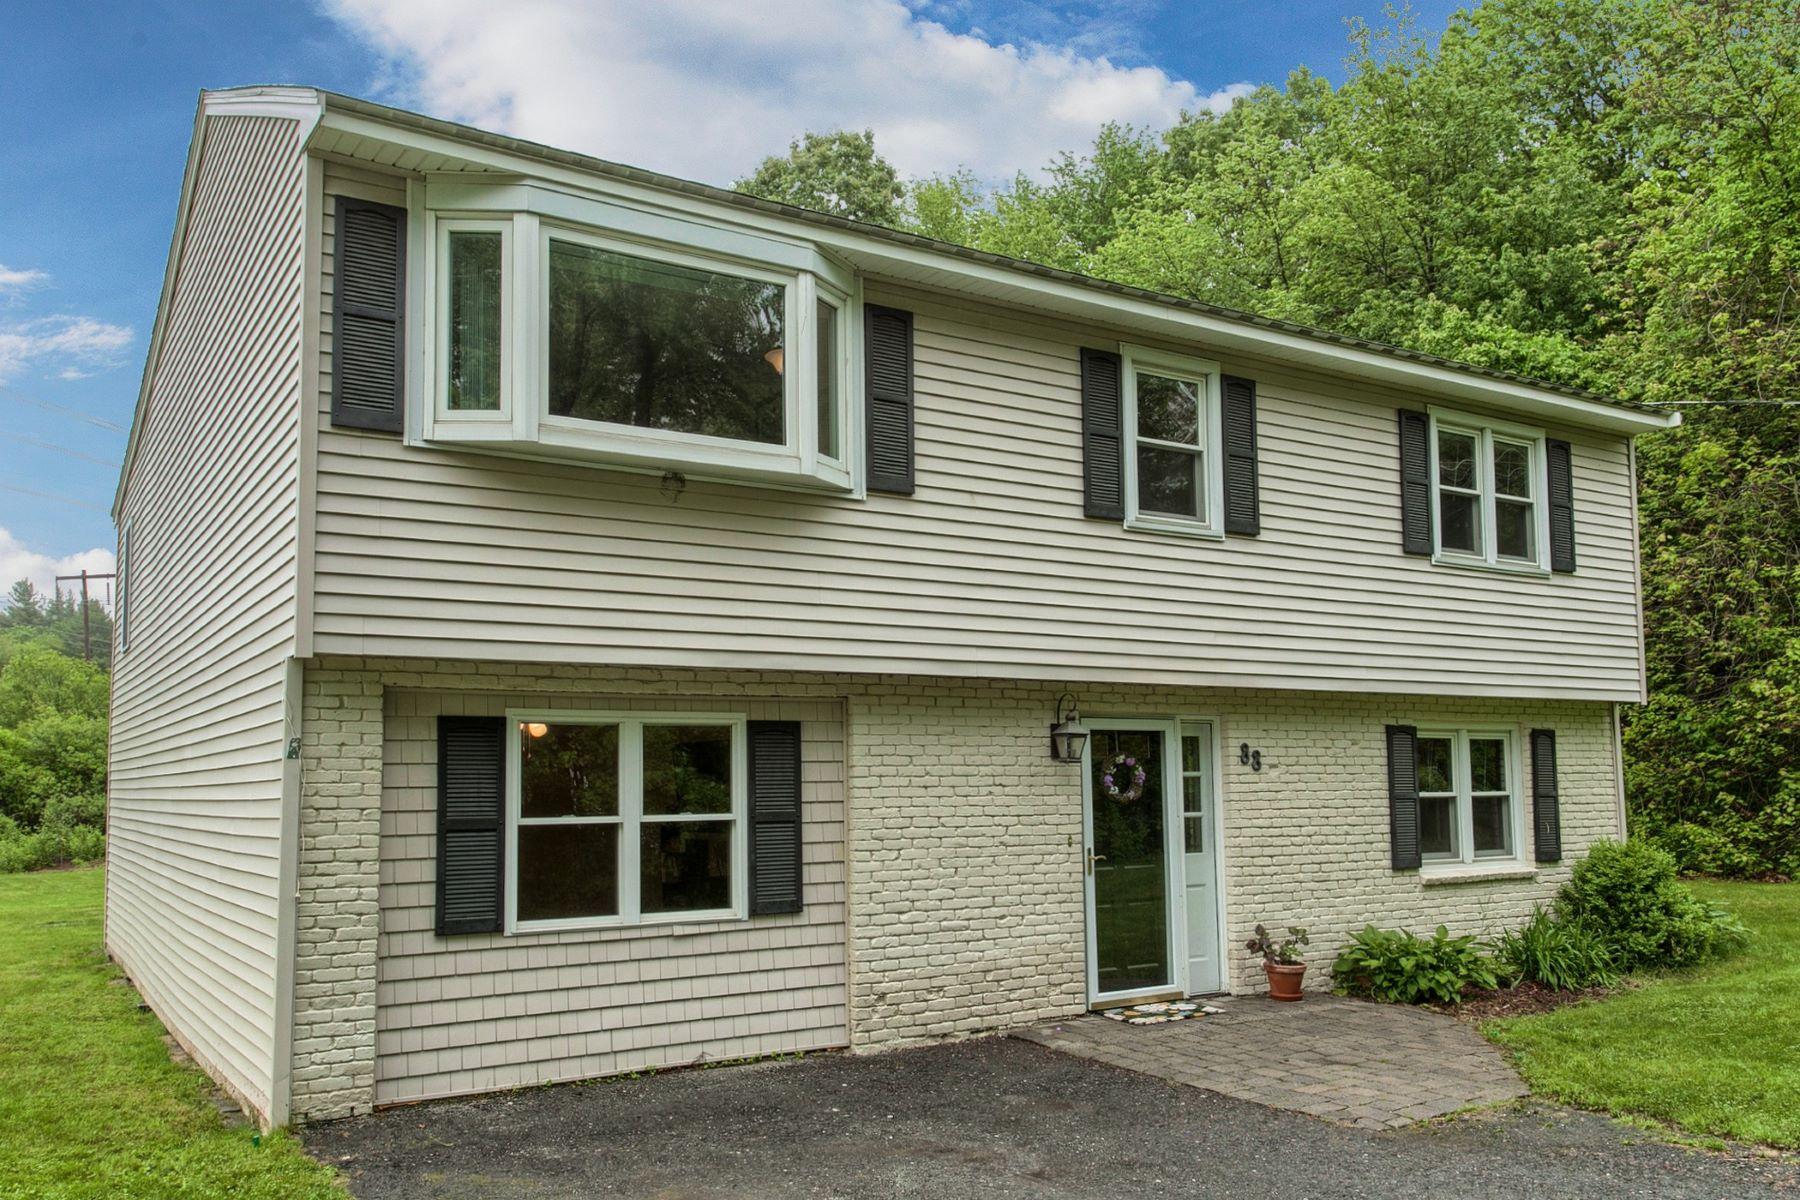 Частный односемейный дом для того Продажа на In-law potential 88 Concord Road Westford, Массачусетс, 01886 Соединенные Штаты